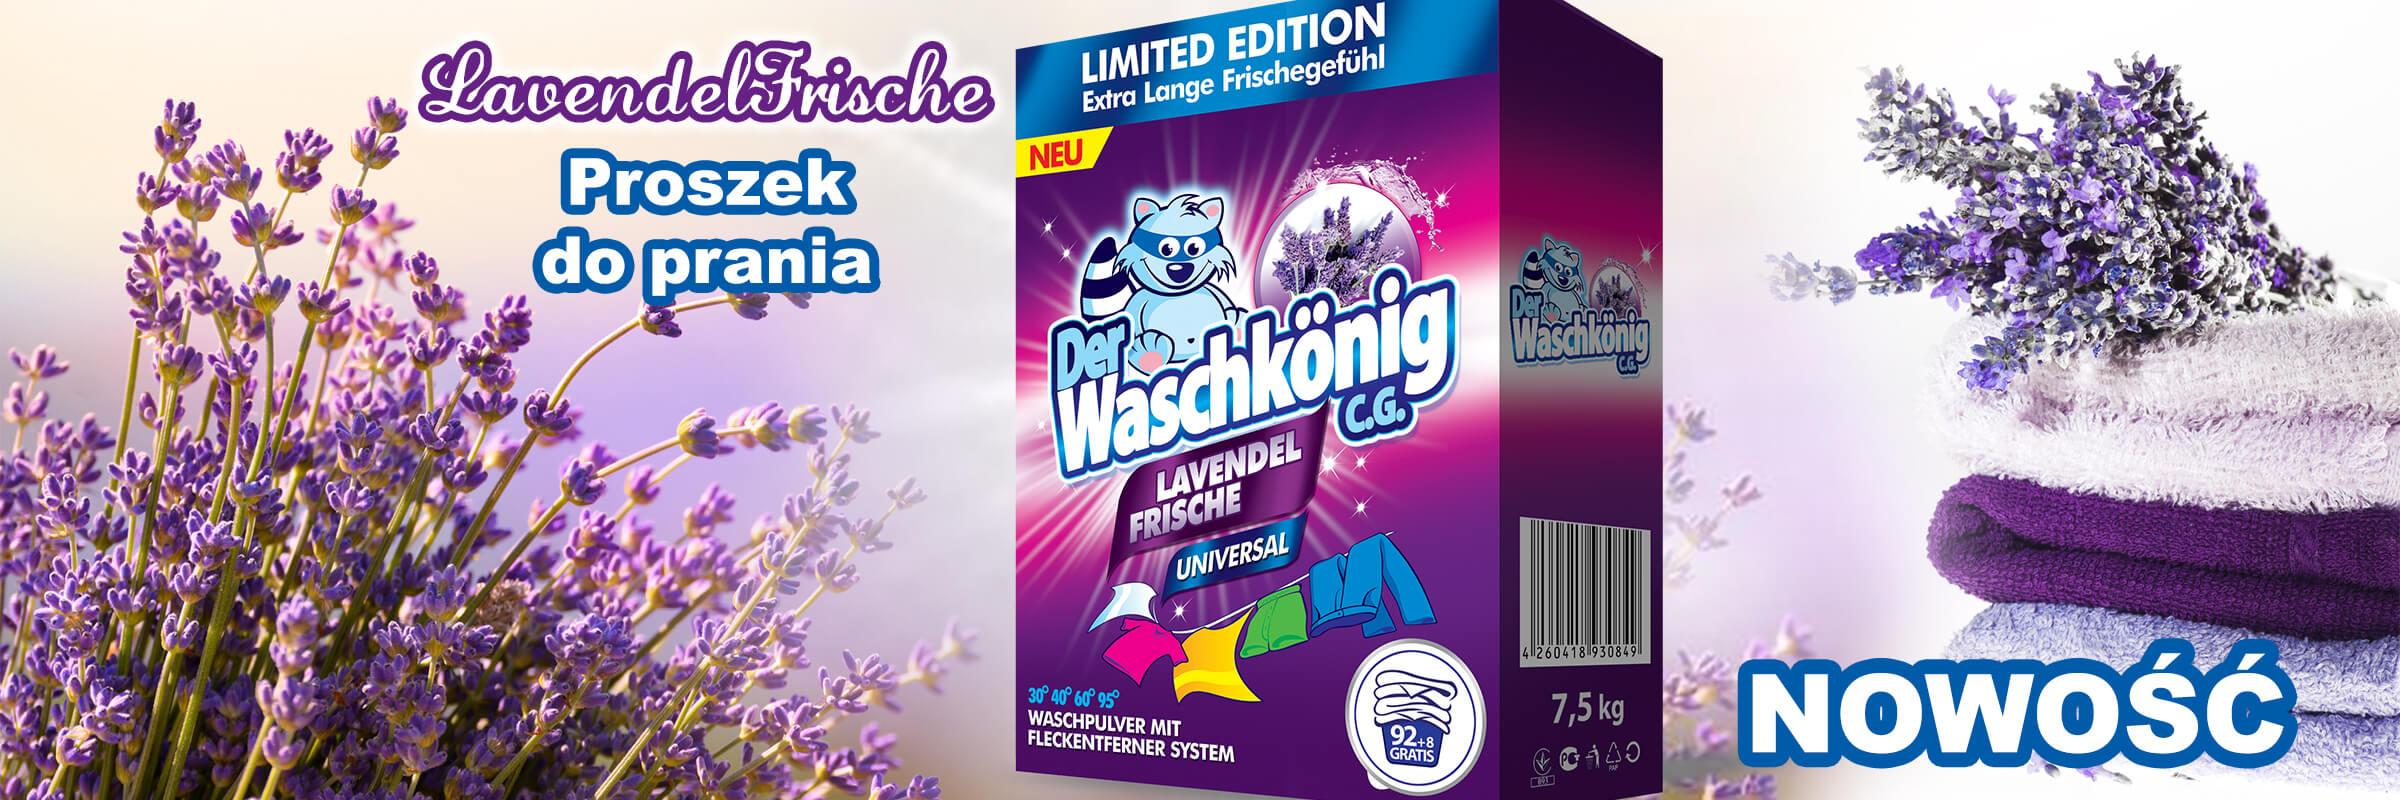 Proszek do prania Der Waschkönig C.G. Lavendel Frische Universal 7,5 kg - 100 WL Limited Edition